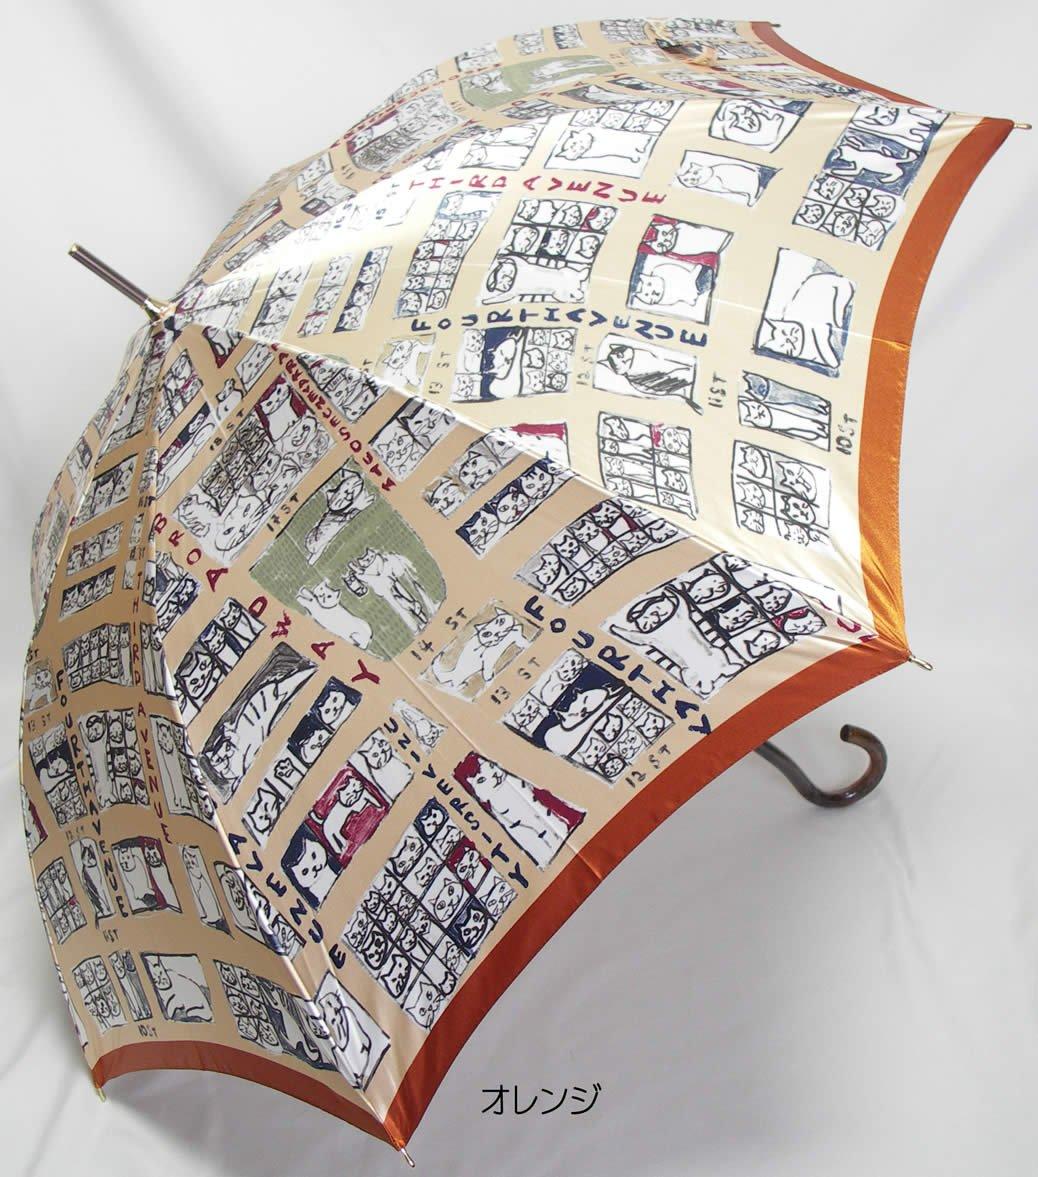 婦人レディース 雨傘。Manhattaner's マンハッタン 「マンハッタナーズ 猫のマンハッタン凱旋 ジャンプ 長傘 オレンジ」 B01J6G5MPQ